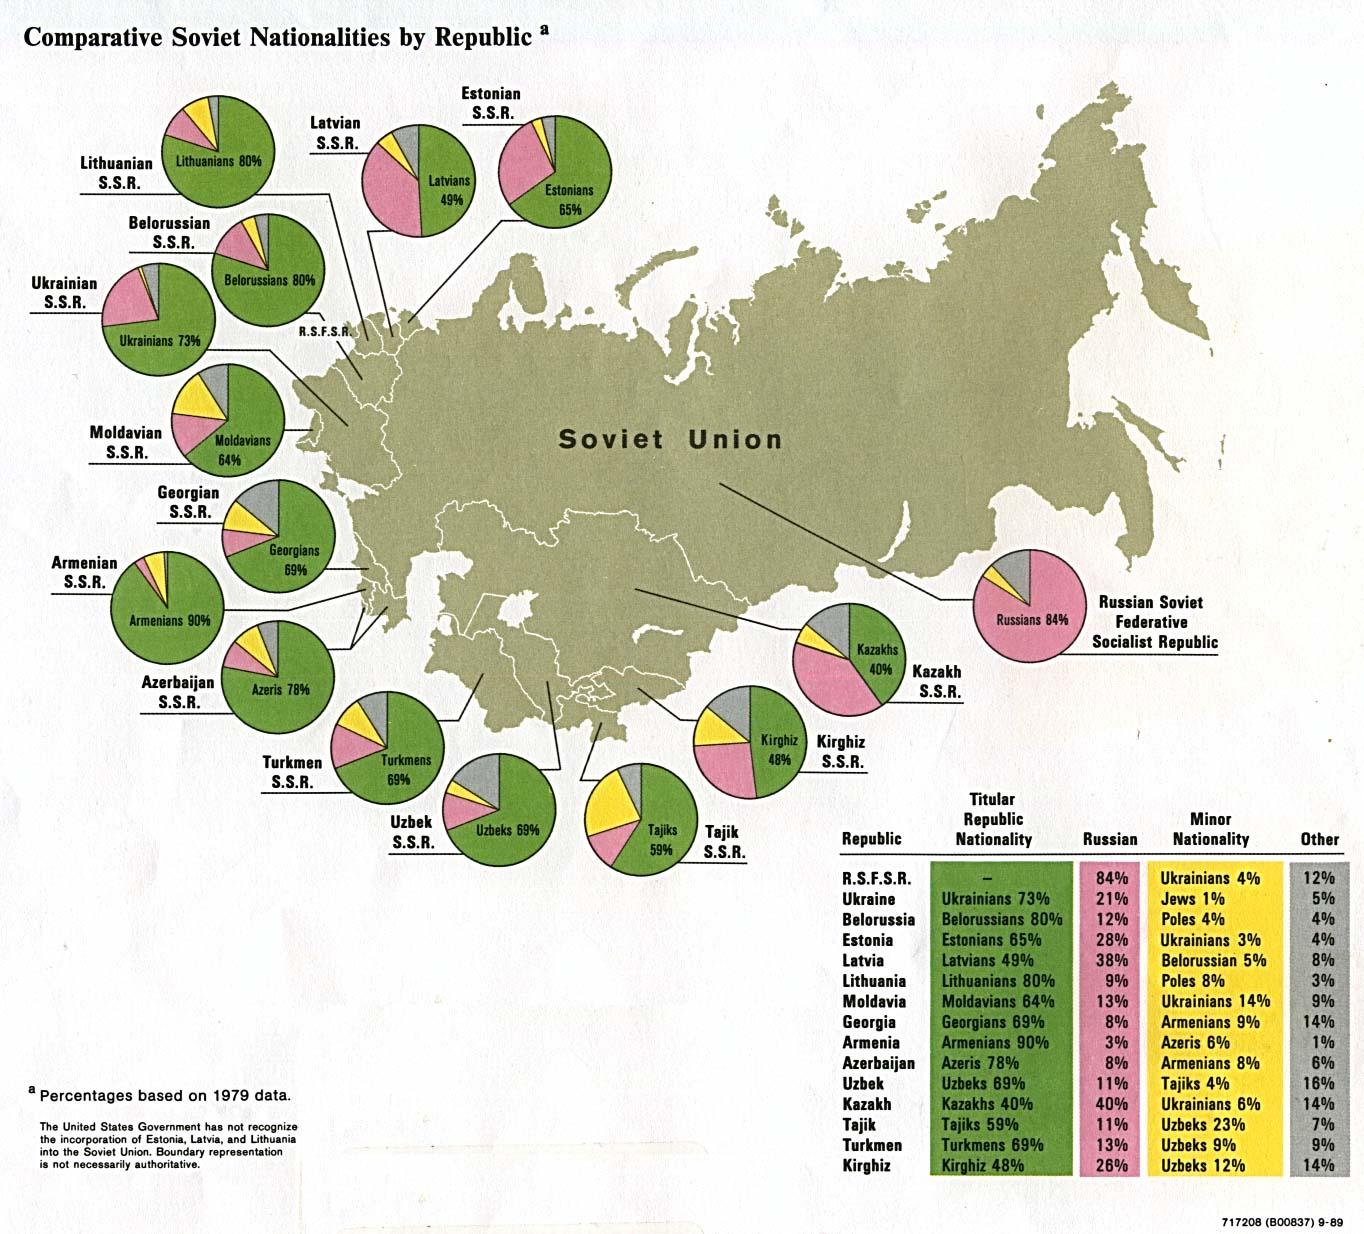 Mapa Comparativa por República de las Nacionalidades en la ex Unión Soviética